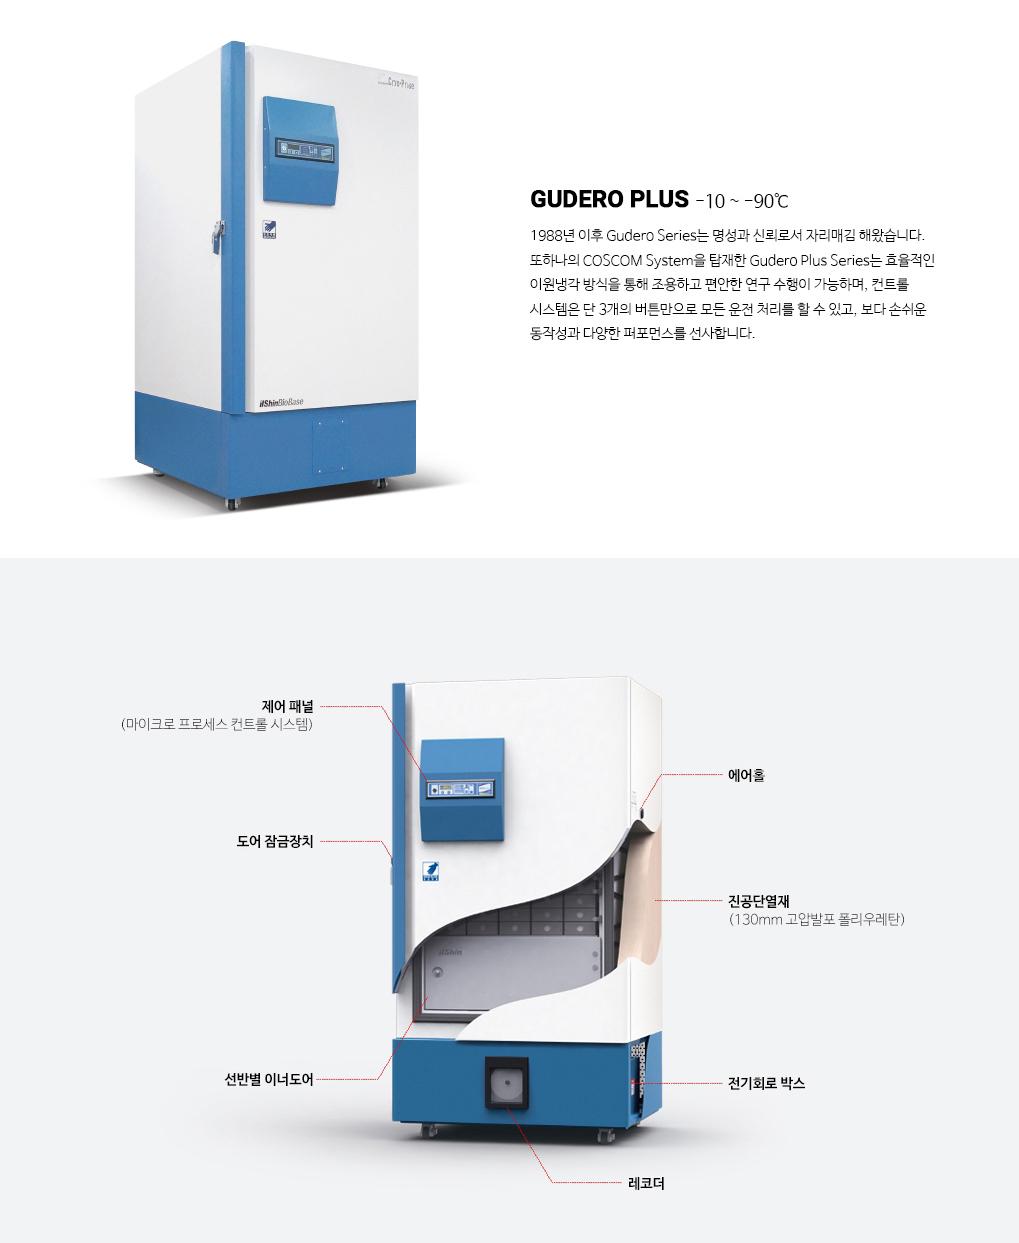 (주)일산바이오베이스 초저온냉동고 GUDERO PLUS 2